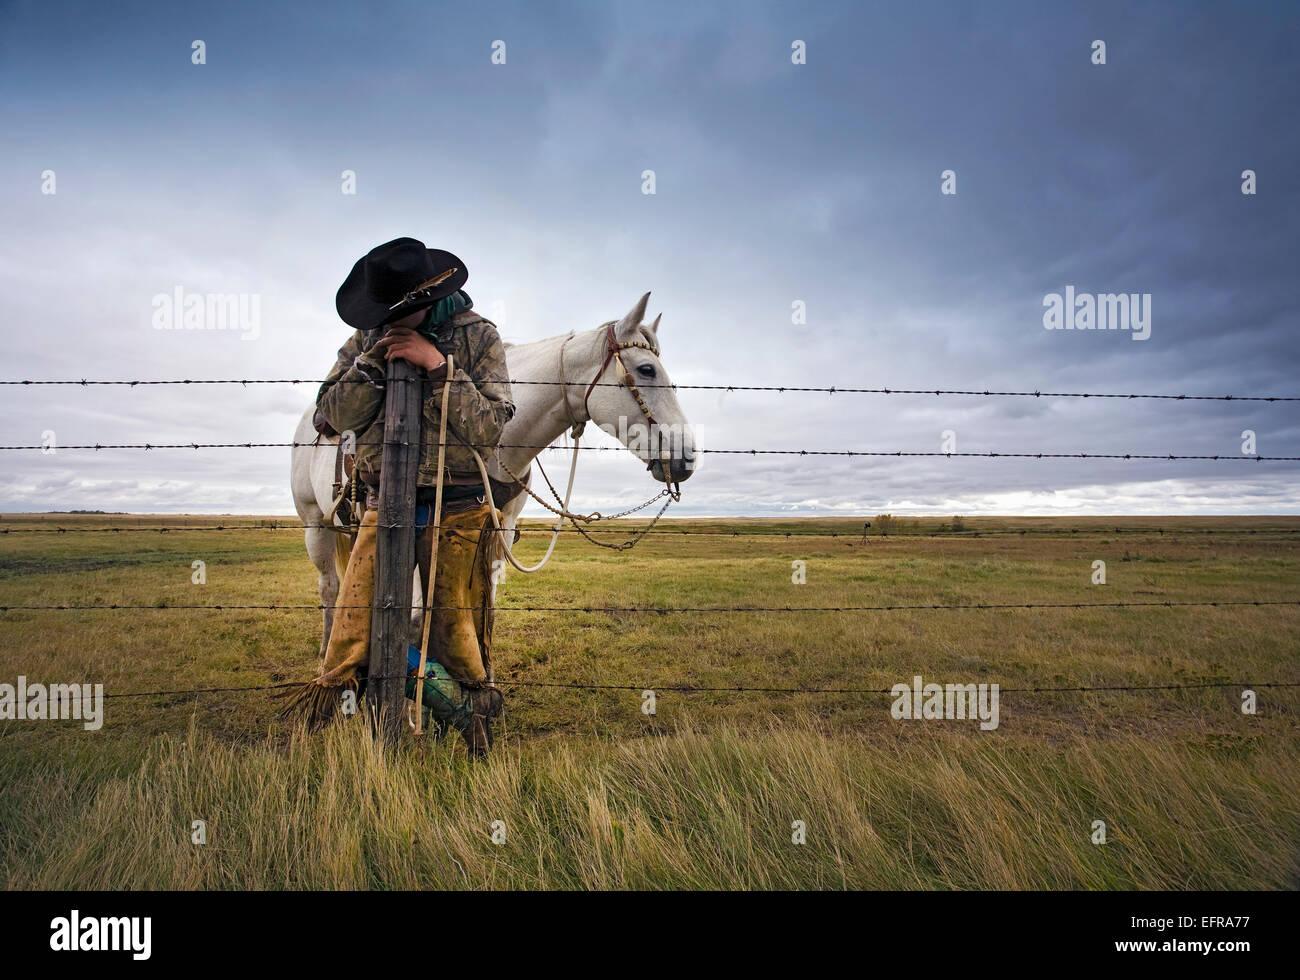 Un cowboy debout appuyée sur un poteau de clôture sur la plage. Un cheval gris derrière lui. Banque D'Images